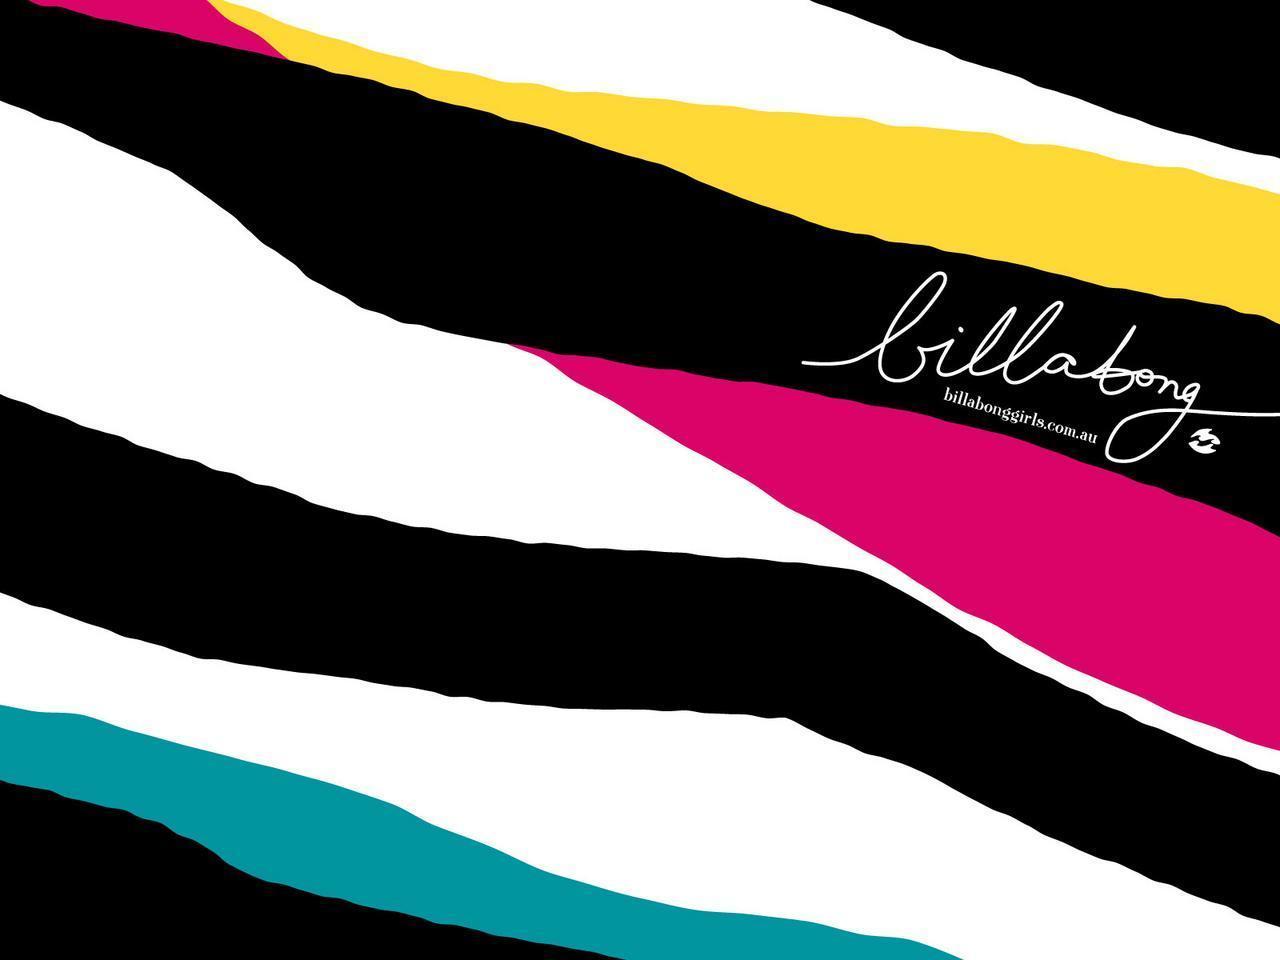 Billabong - Billabong Wallpaper (2282008) - Fanpop